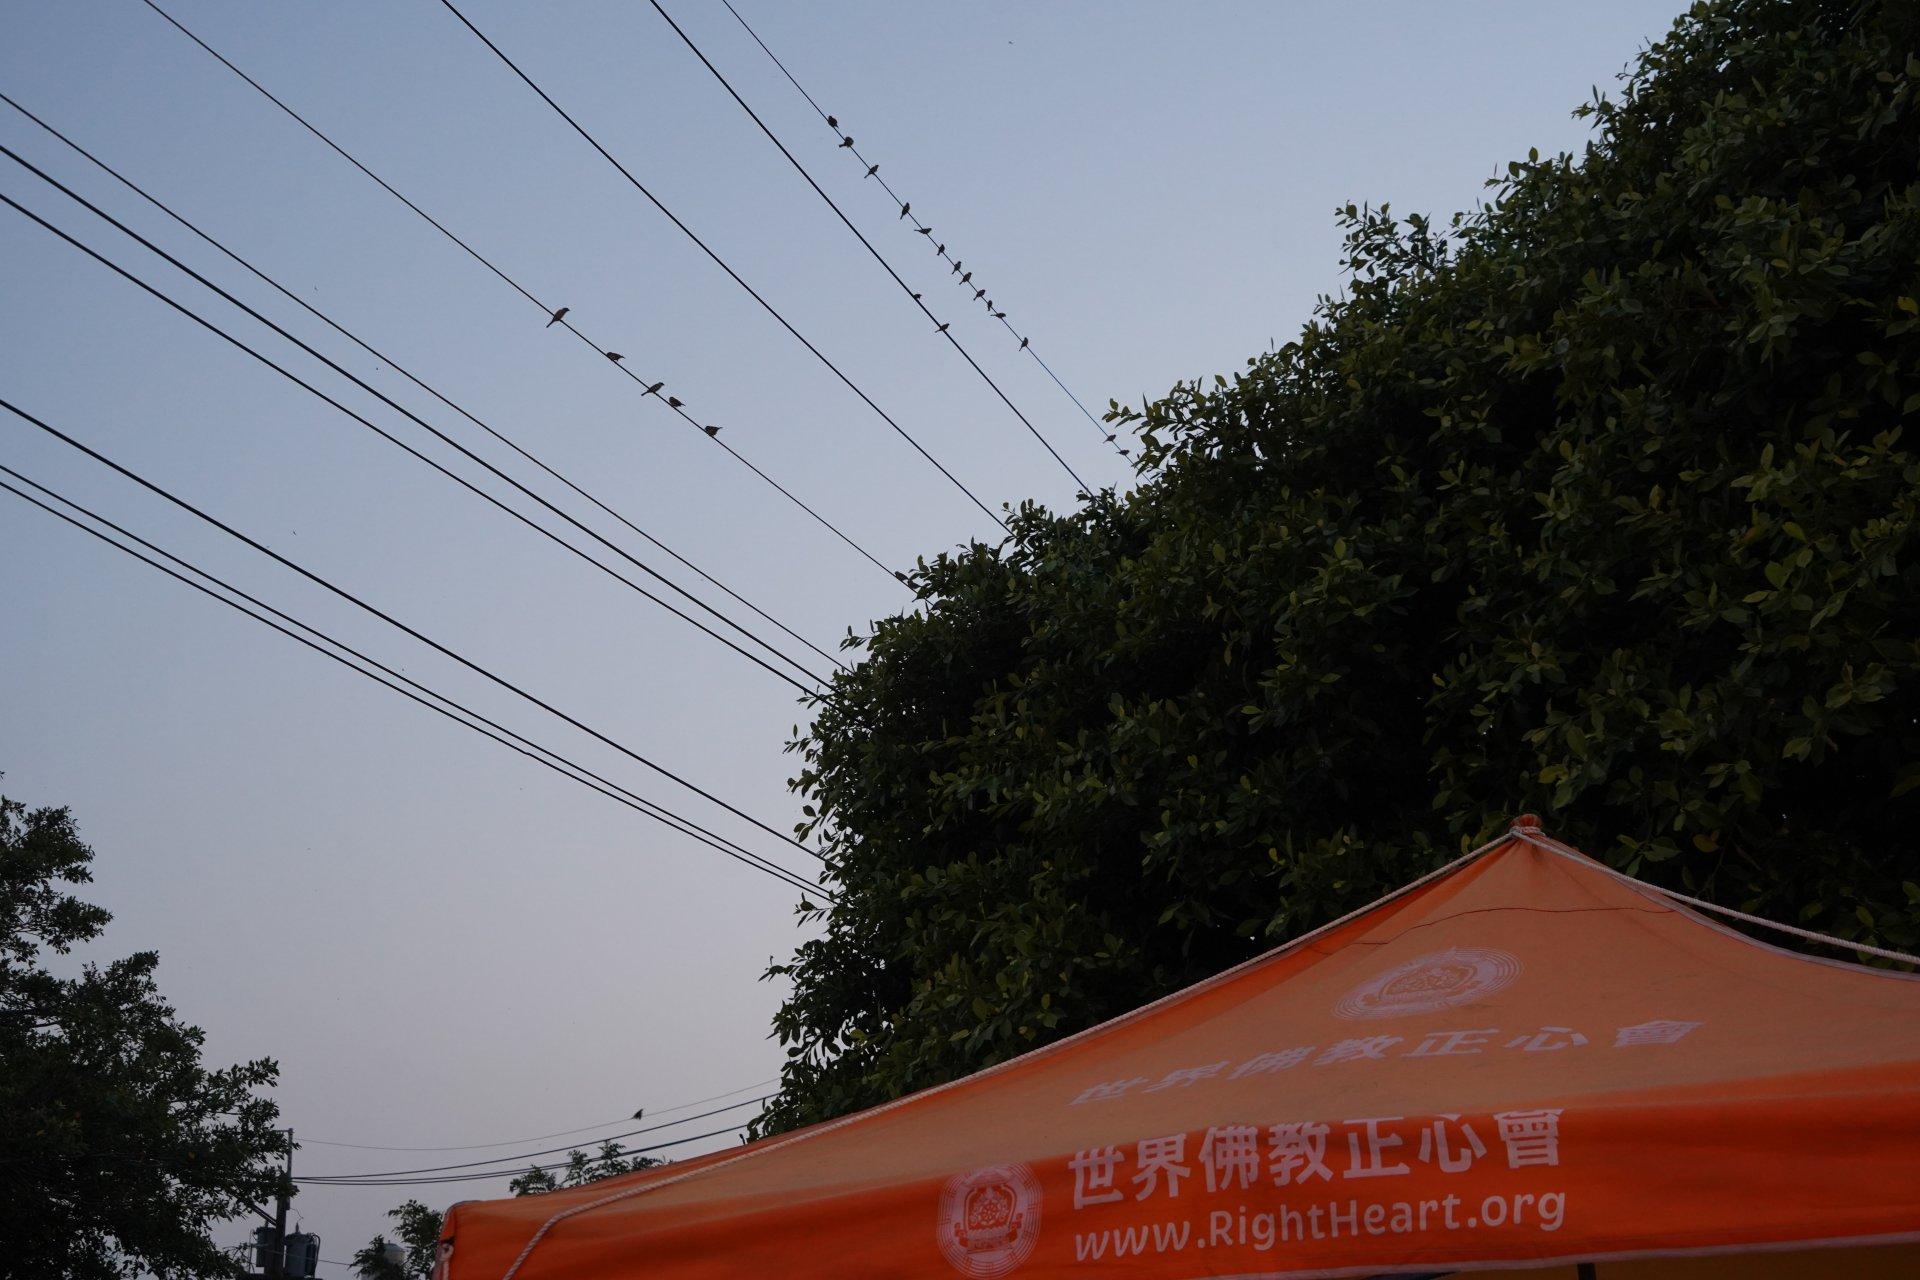 行動佛殿129站高雄永安,周末藝文晚會熱鬧的氣氛小鳥都來看表演